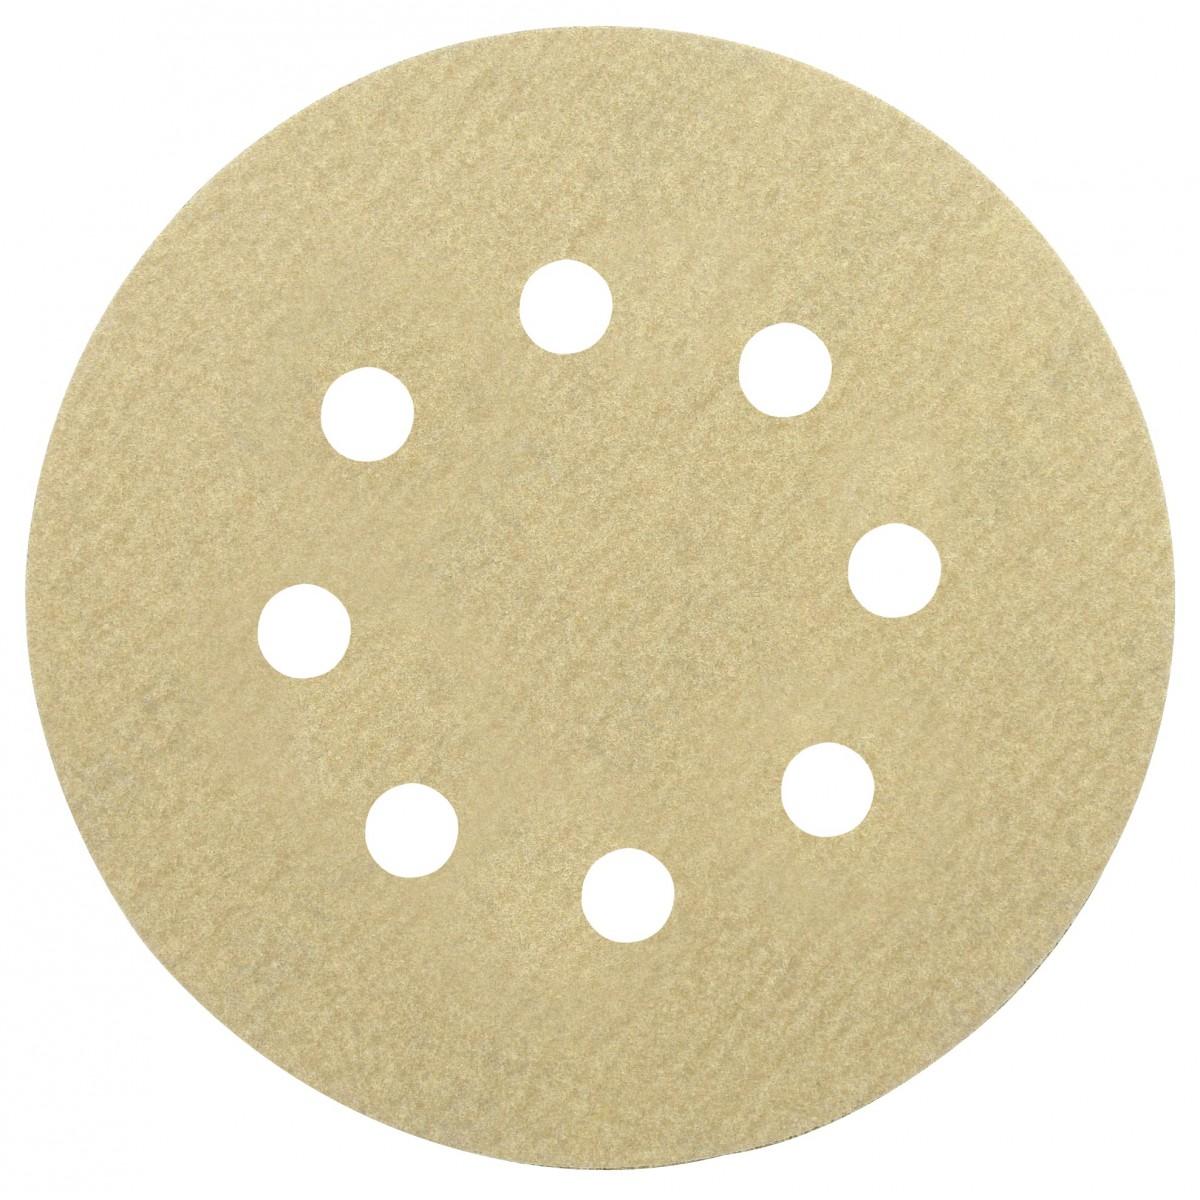 Disque abrasif auto-agrippant SCID - 8 trous - Grain 80 - Diamètre 125 mm - Vendu par 5